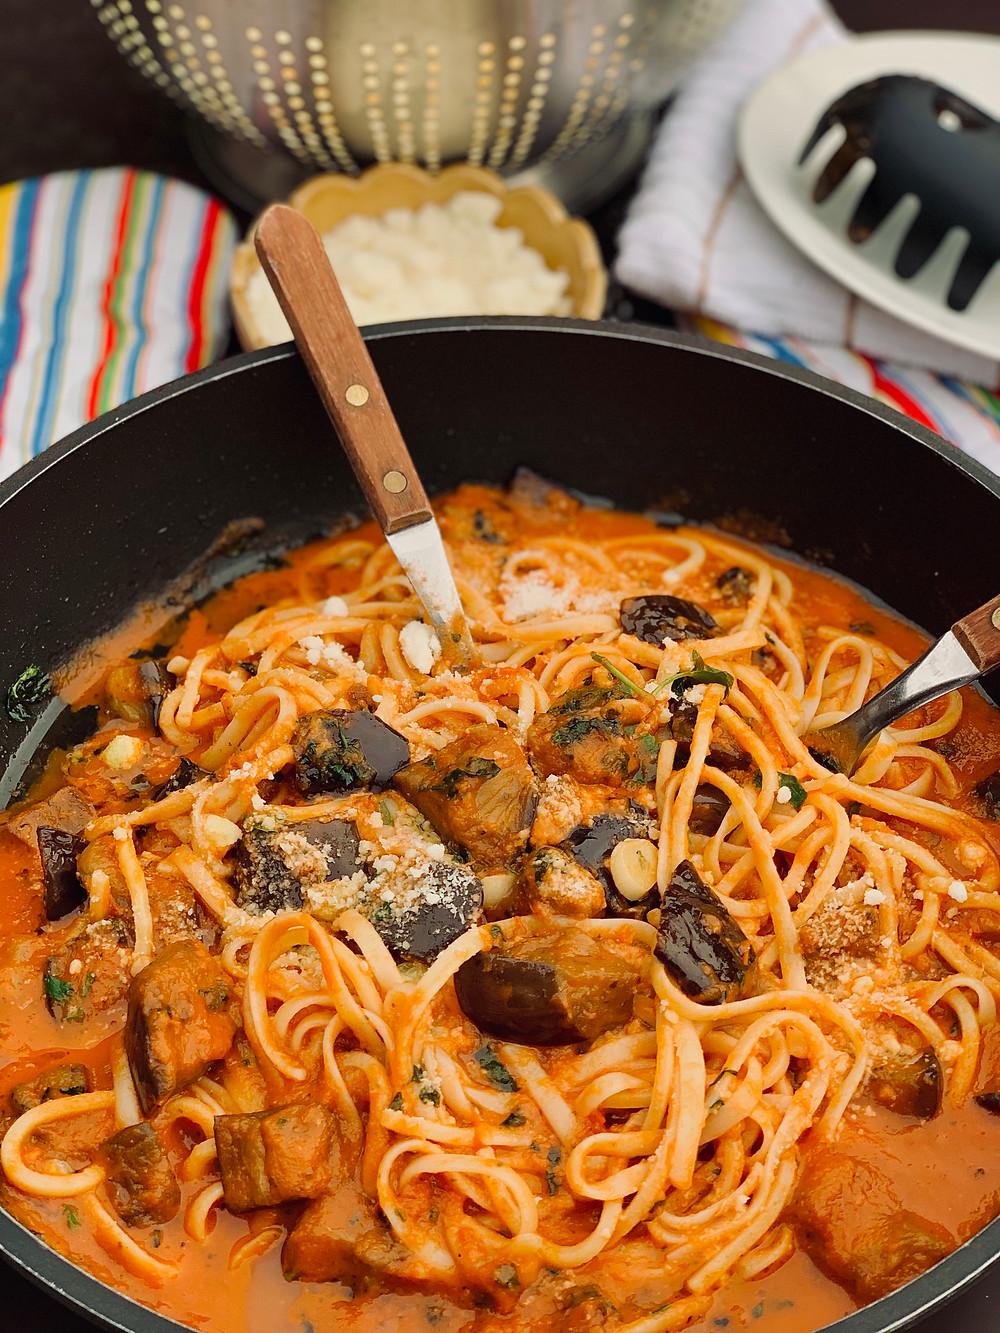 Pasta Alla Norma Recipe. A Delicious Eggplant Pasta Dish